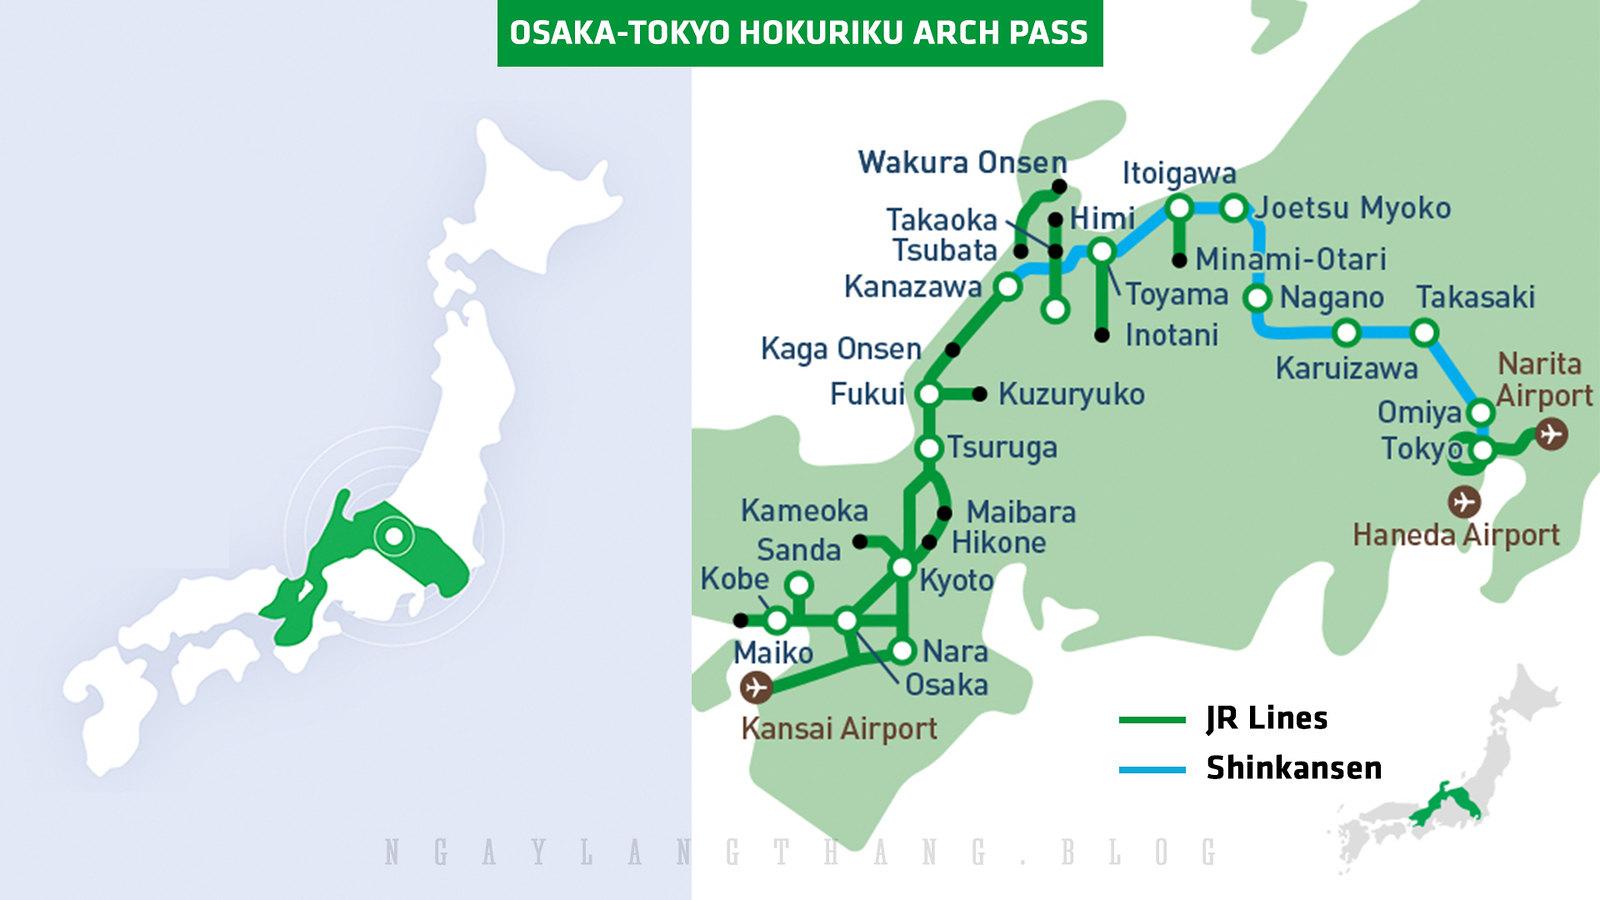 Osaka-Tokyo Hokuriku Arch Pass-1